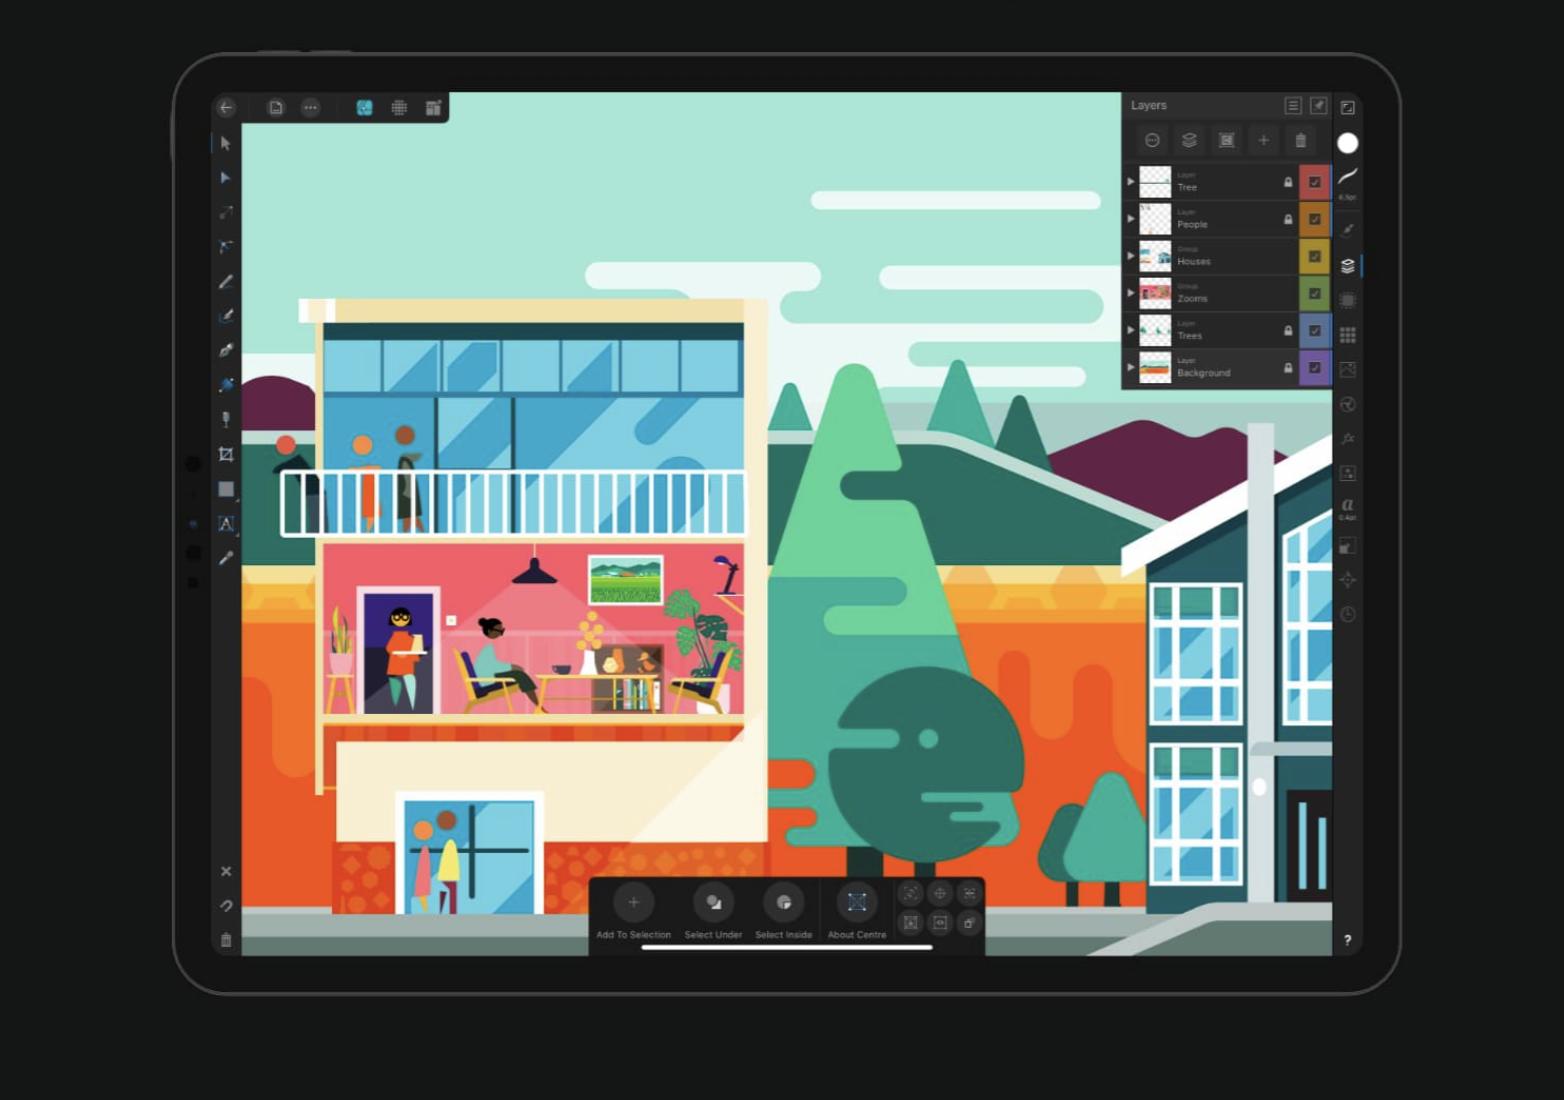 """iPad с иллюстративным рисунком жилого дома в красочной палитре """"width ="""" 1564 """"height ="""" 1100 """"/>    <figcaption> Макет платформы для рисования Affinity Designer на iPad </figcaption></figure> <h3><span id="""